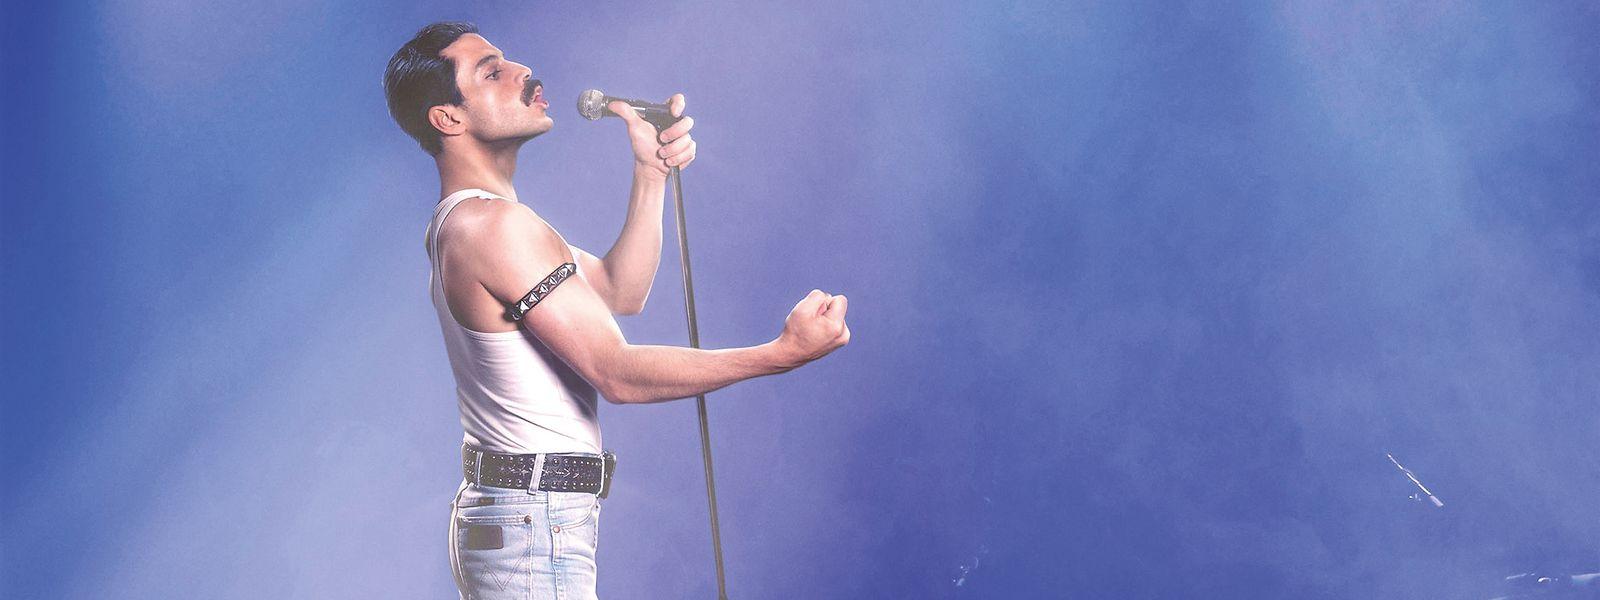 Rami Malek spielt eine Legende des Rock: Freddie Mercury war dereinzigartige Queen-Frontmann.